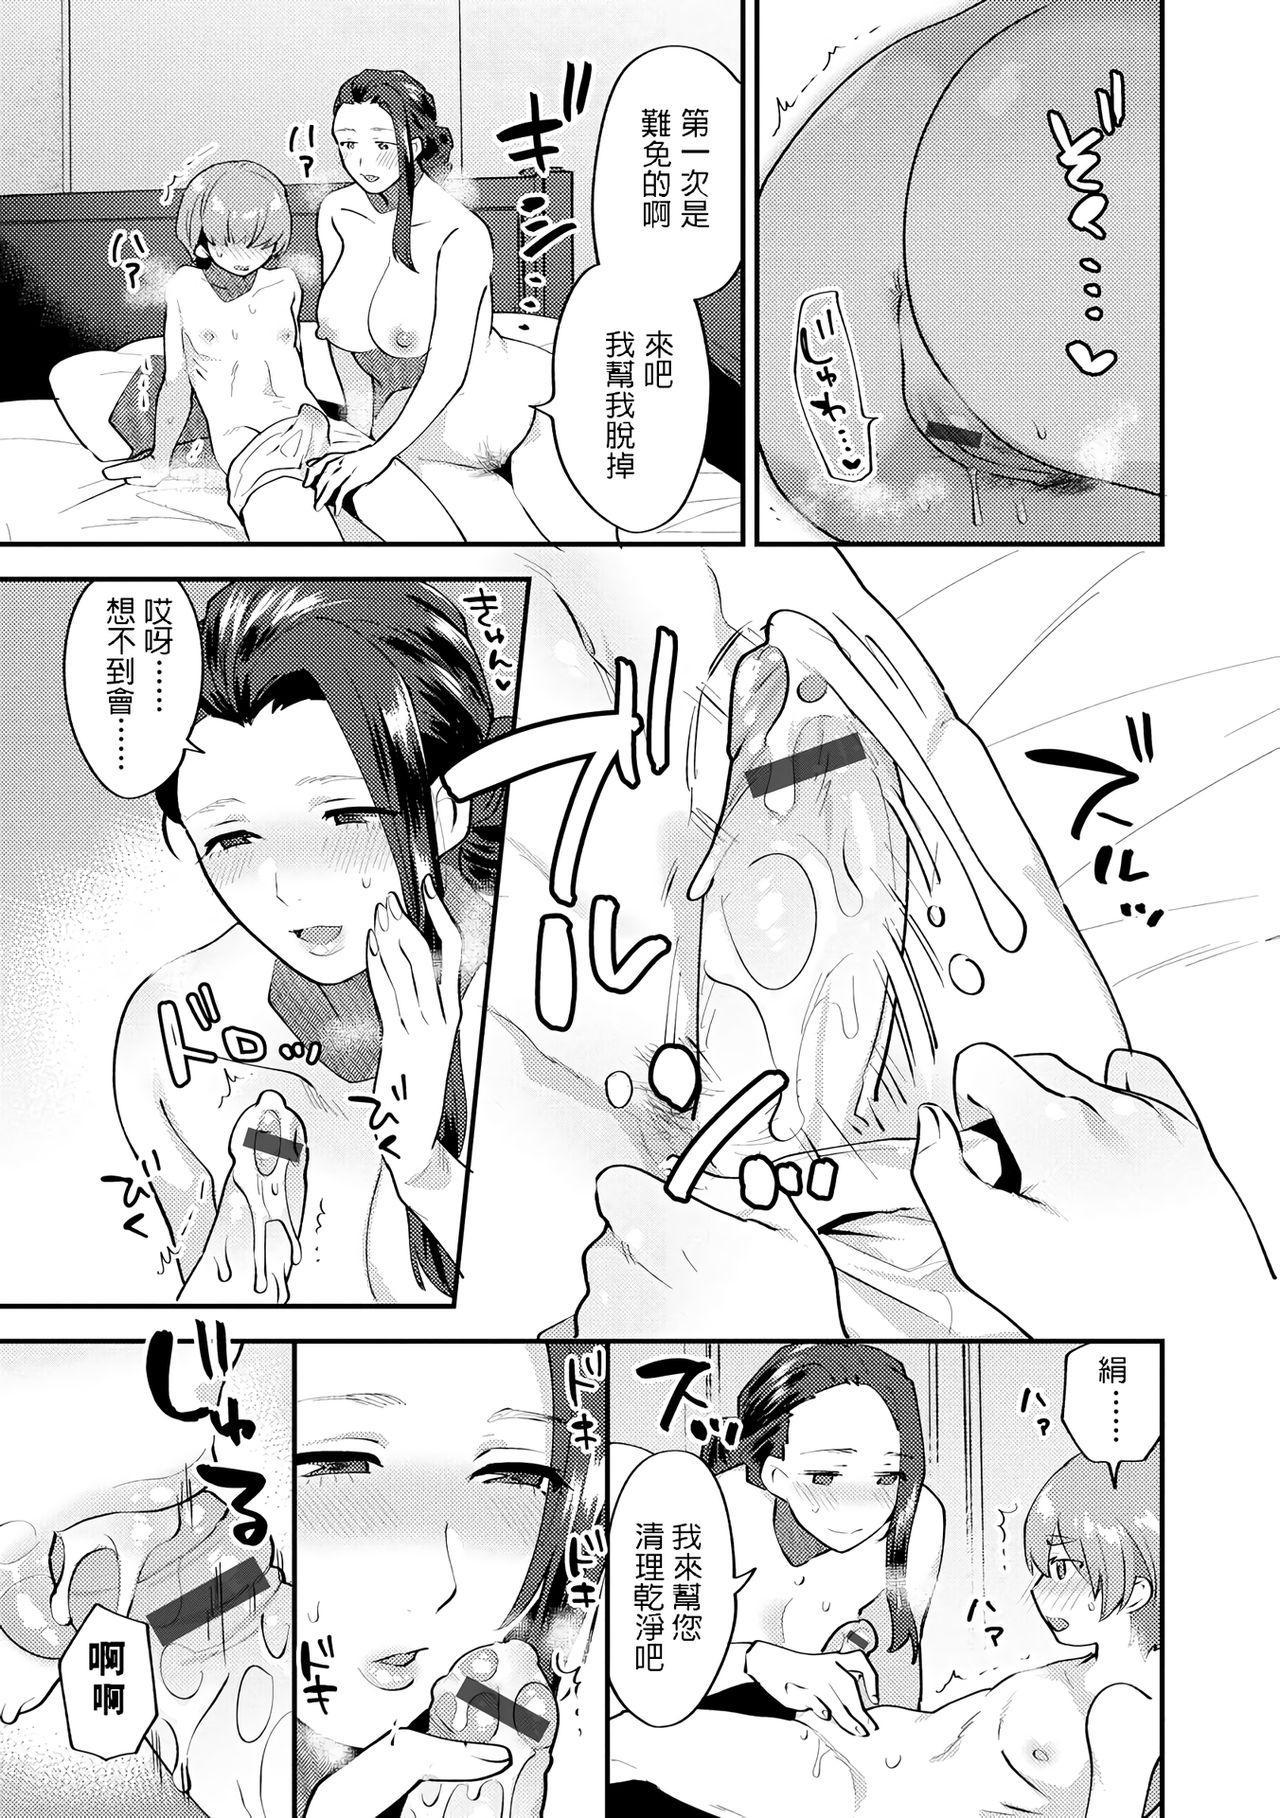 [Mogiki Hayami] Mayugomori ~Neeya to Boku no Midara na Himegoto~ Ch. 1 (Magazine Cyberia Vol. 125) [Chinese] 12